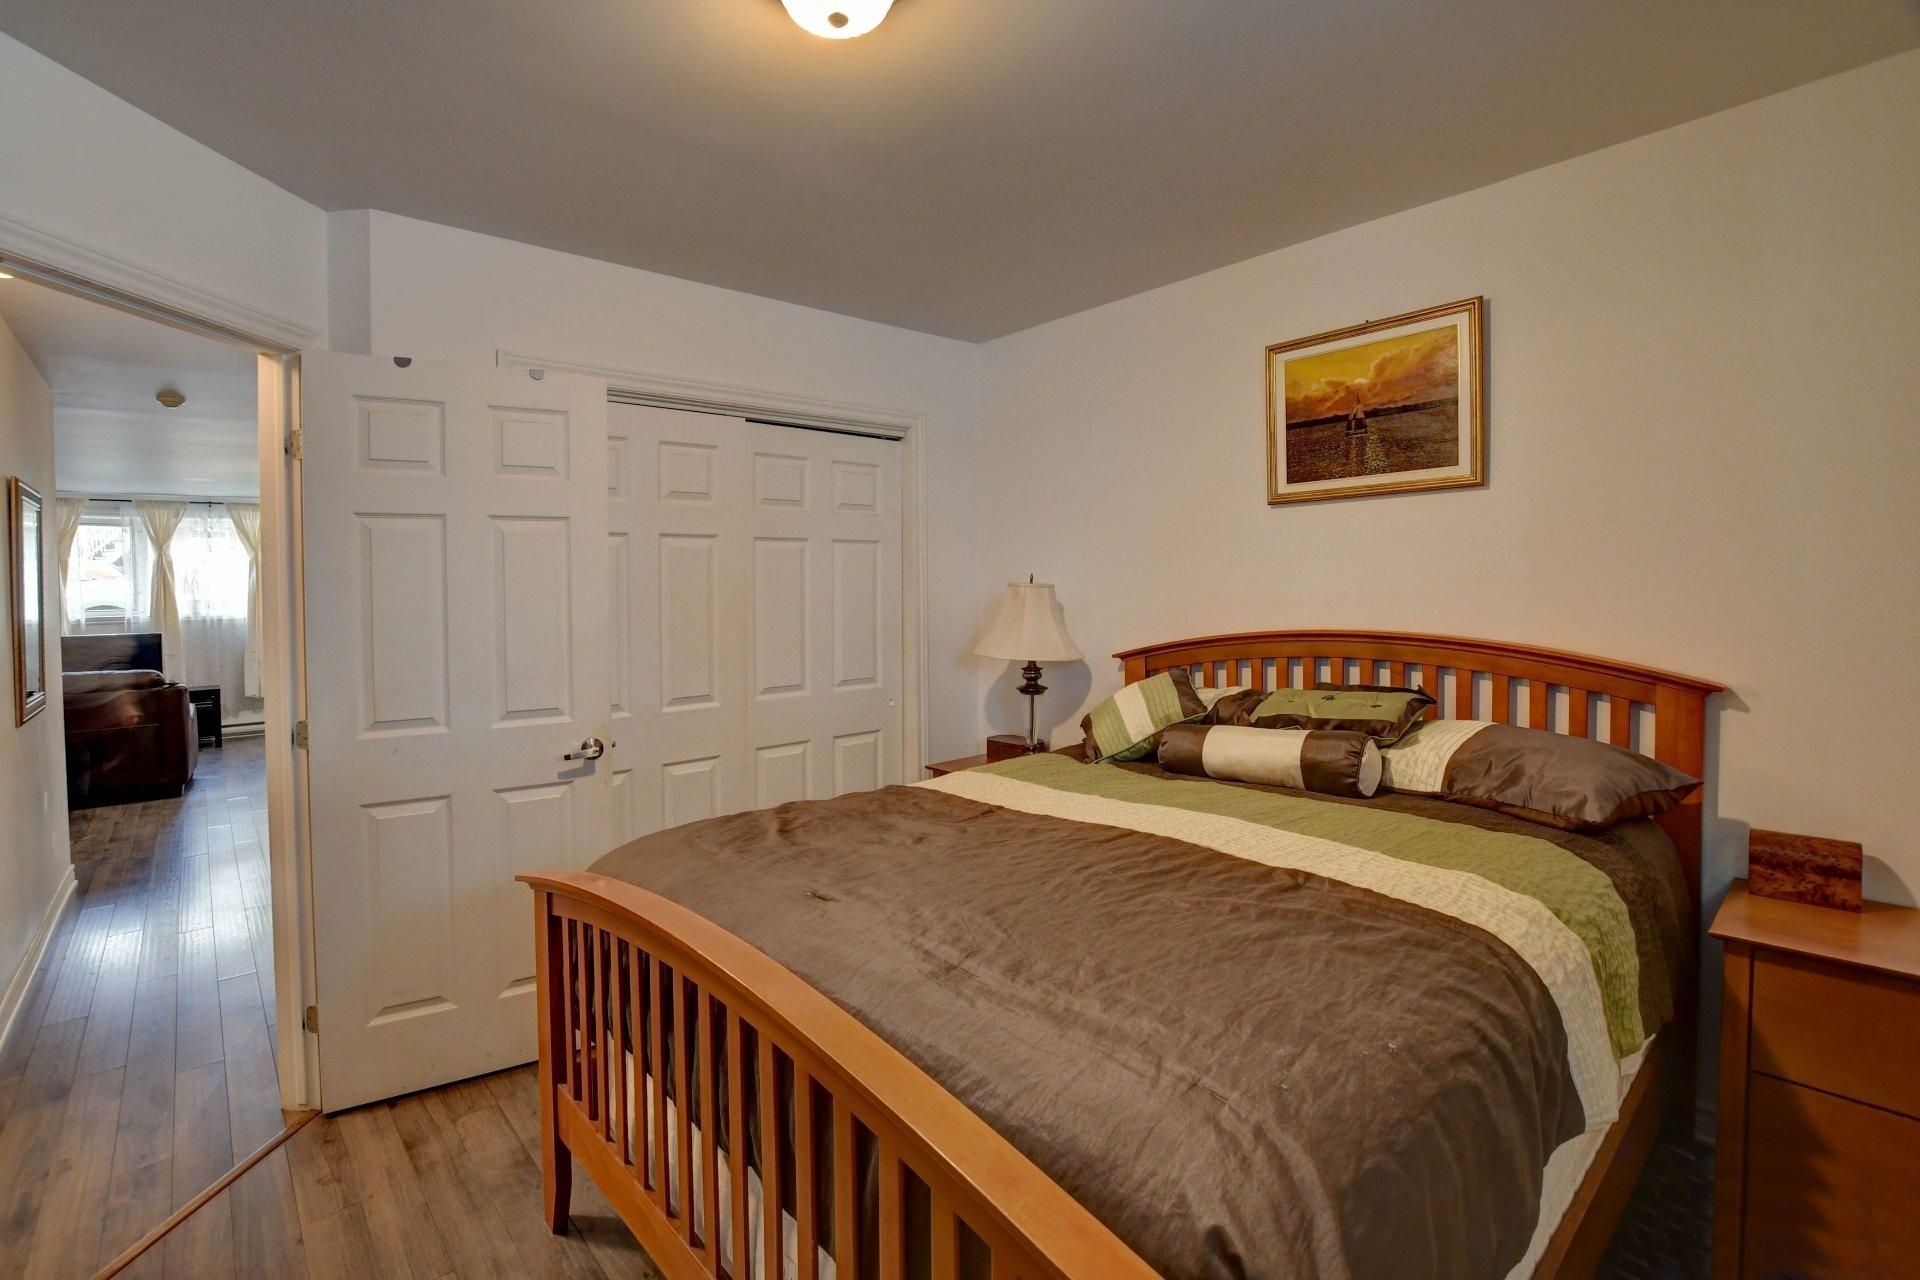 image 10 - Apartment For sale Mercier/Hochelaga-Maisonneuve Montréal  - 5 rooms